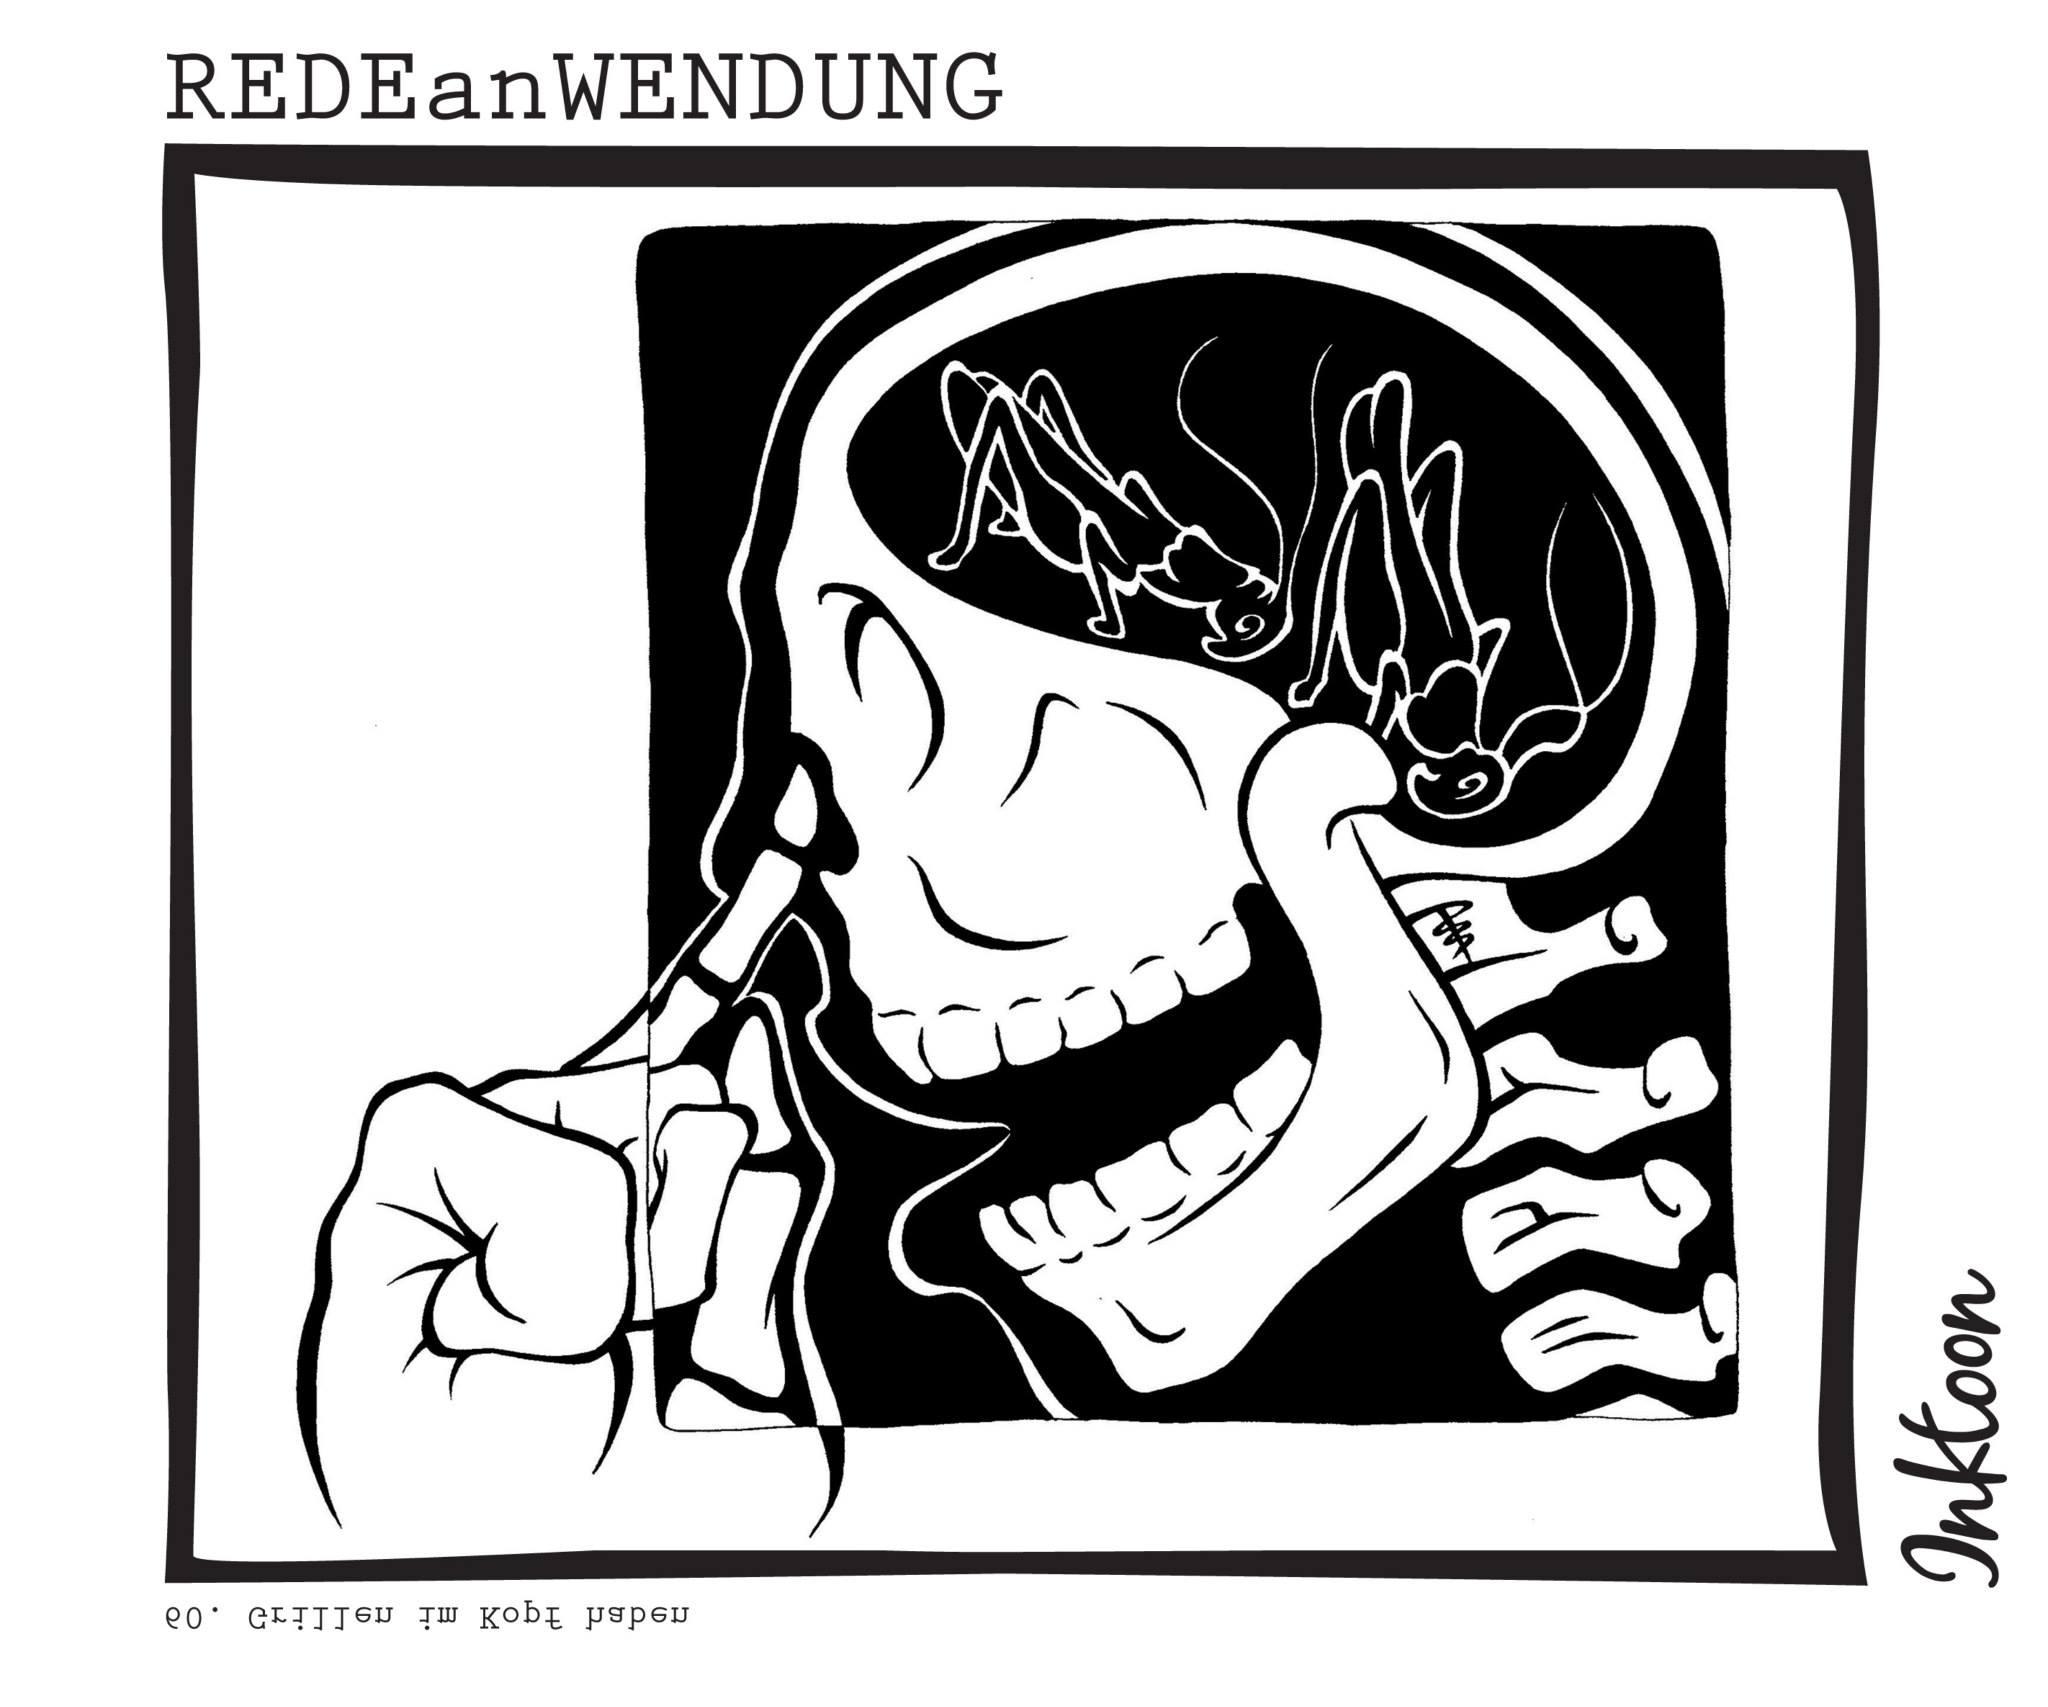 Grillen im Kopf haben verrückt sonderbare Einfälle fixe Idee Redewendung Redeanwendung Bilderrätsel toon inktoon Illustration Grafik Sprichwort Bild